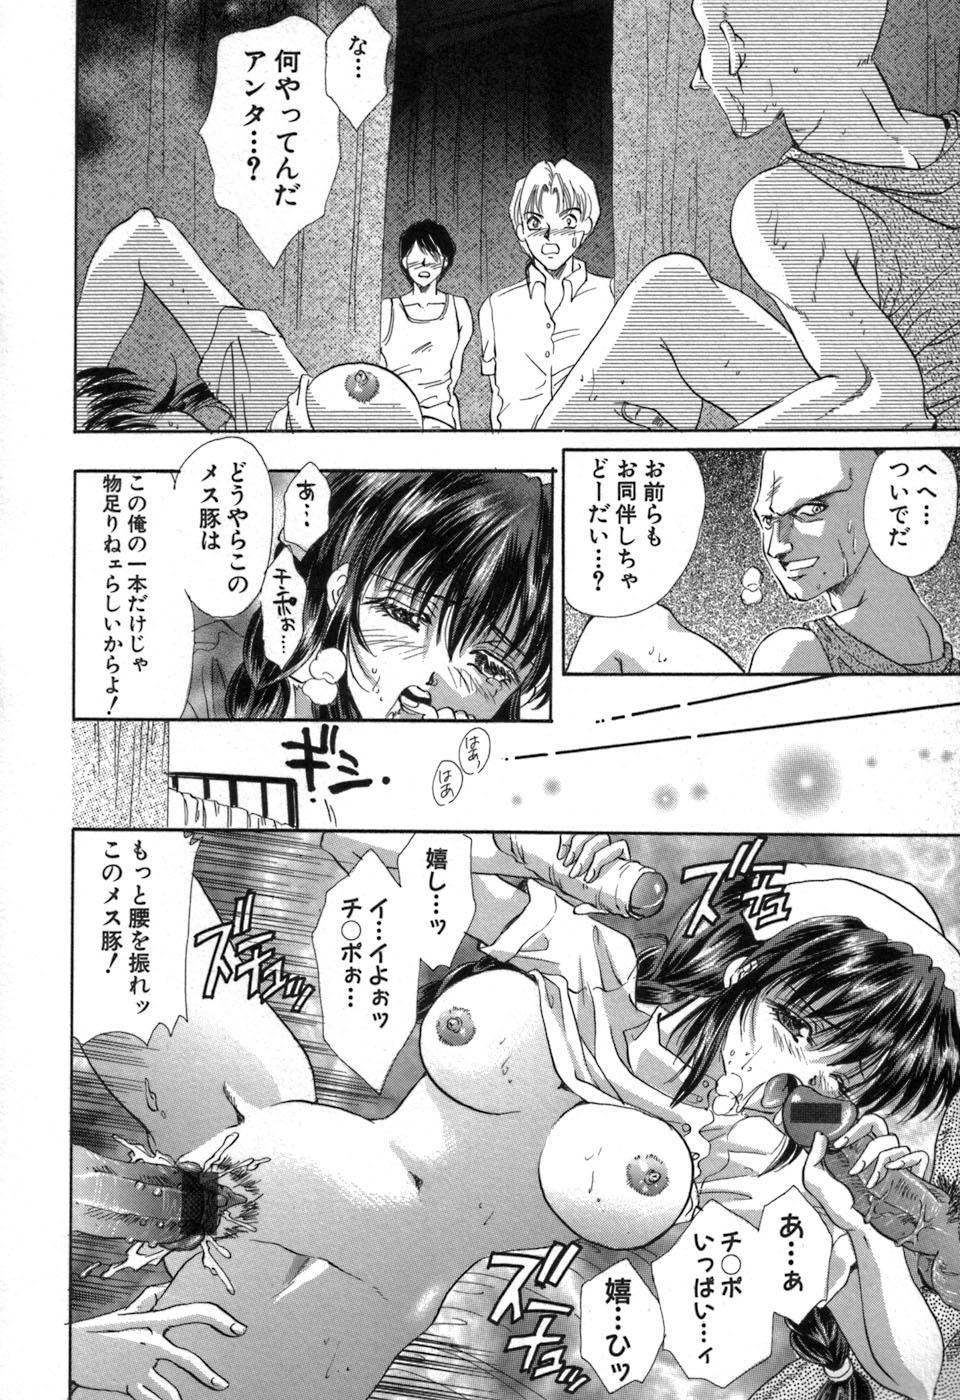 Ryoujoku Tenshi 42